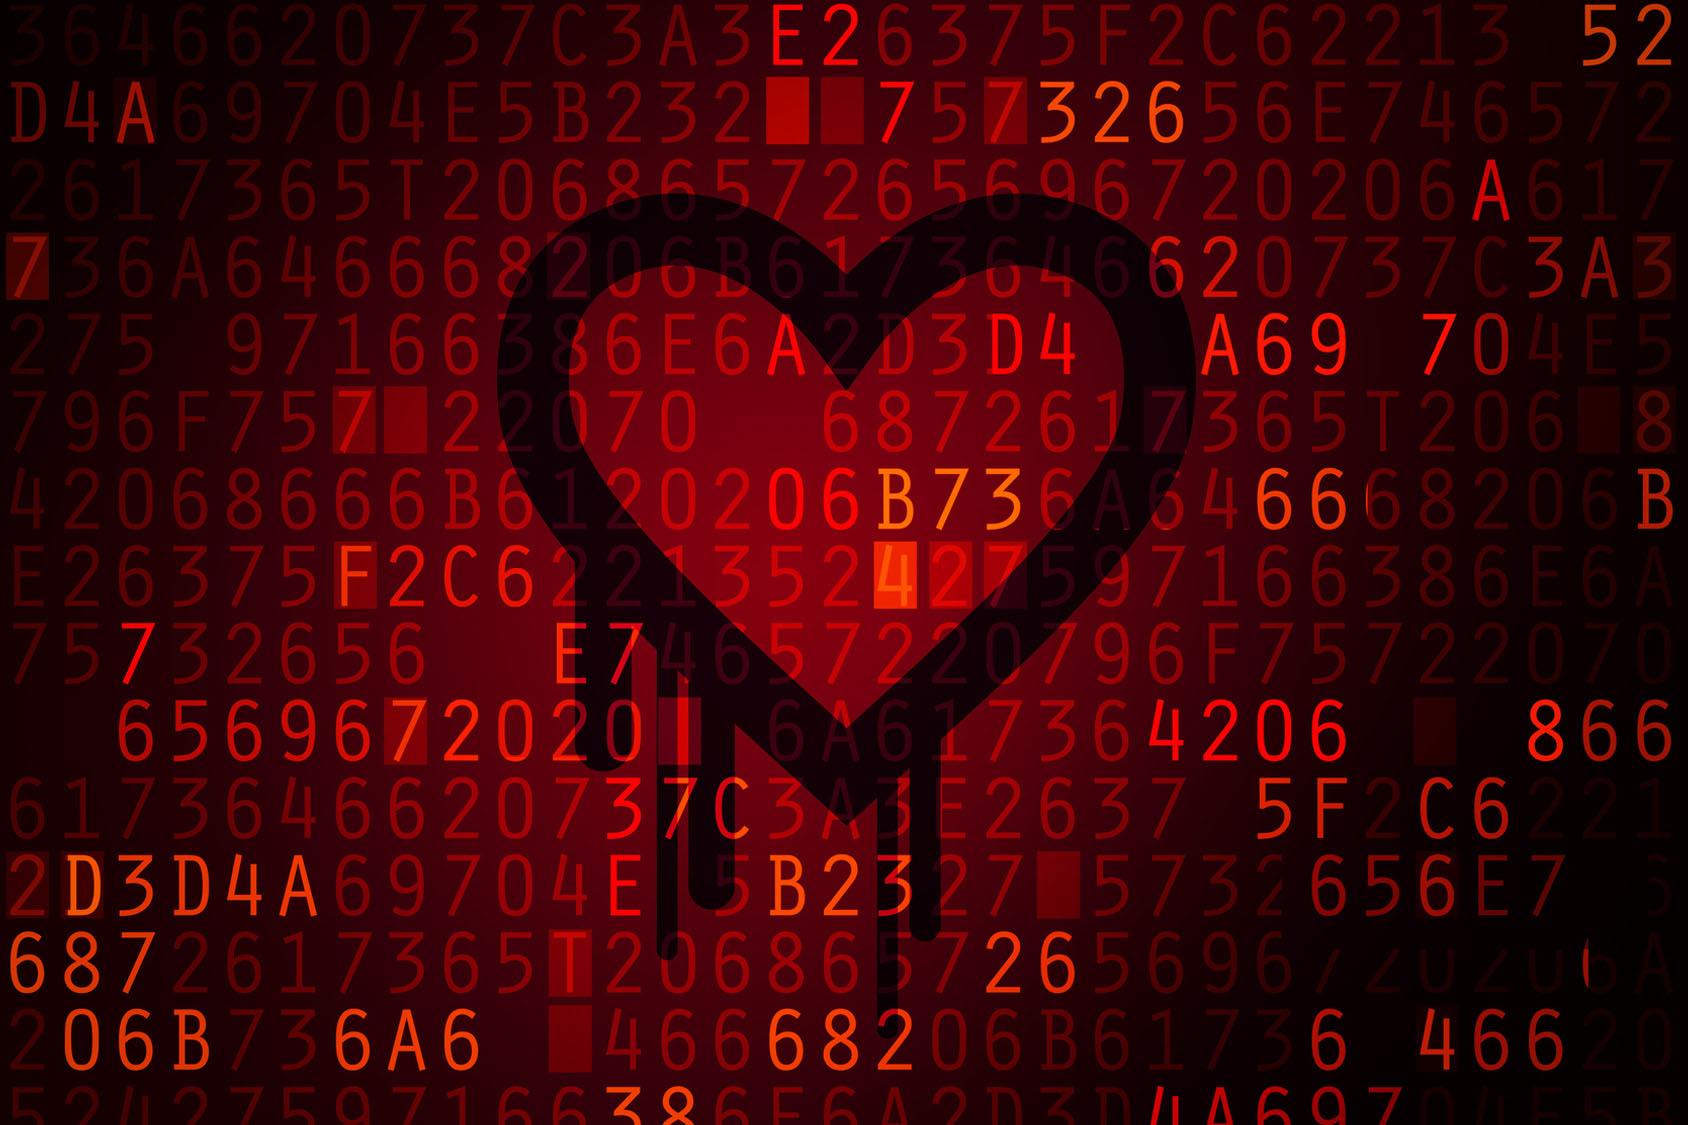 il bug Heartbleed e aziende: una guida rapida